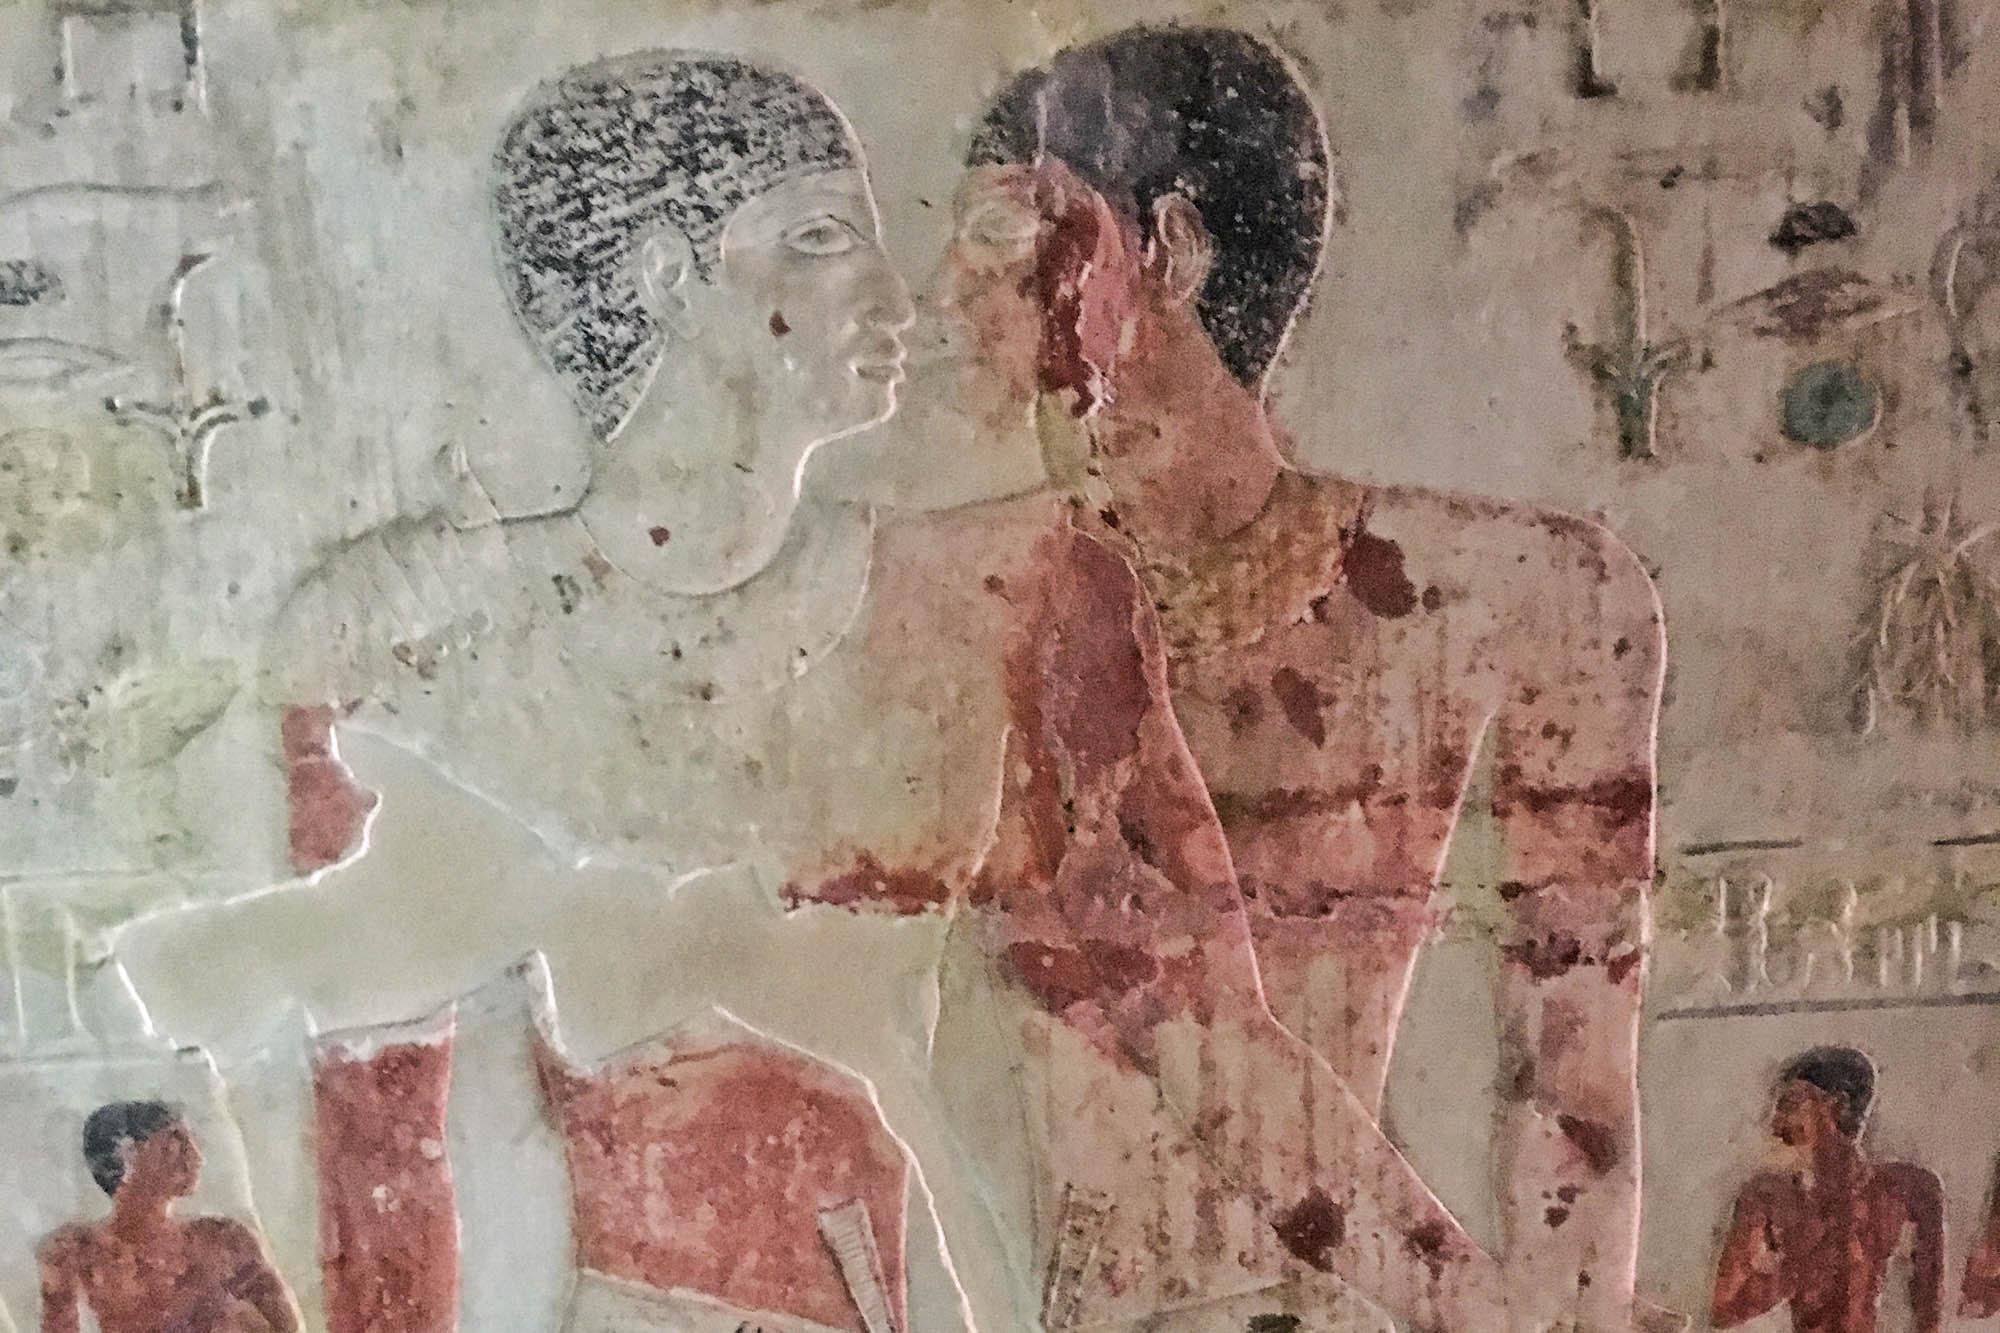 """Nianchchnum und Chnumhotep in einer Abbildung in ihrem gemeinsamen Grab in der Nekropole von Saqqara. Die offiziell als """"Grab der zwei Brüder"""" bekannte Mastaba stammt aus der 5. Dynastie, etwa 2400–2450 v. Chr. Foto: Lothar Ruttner"""